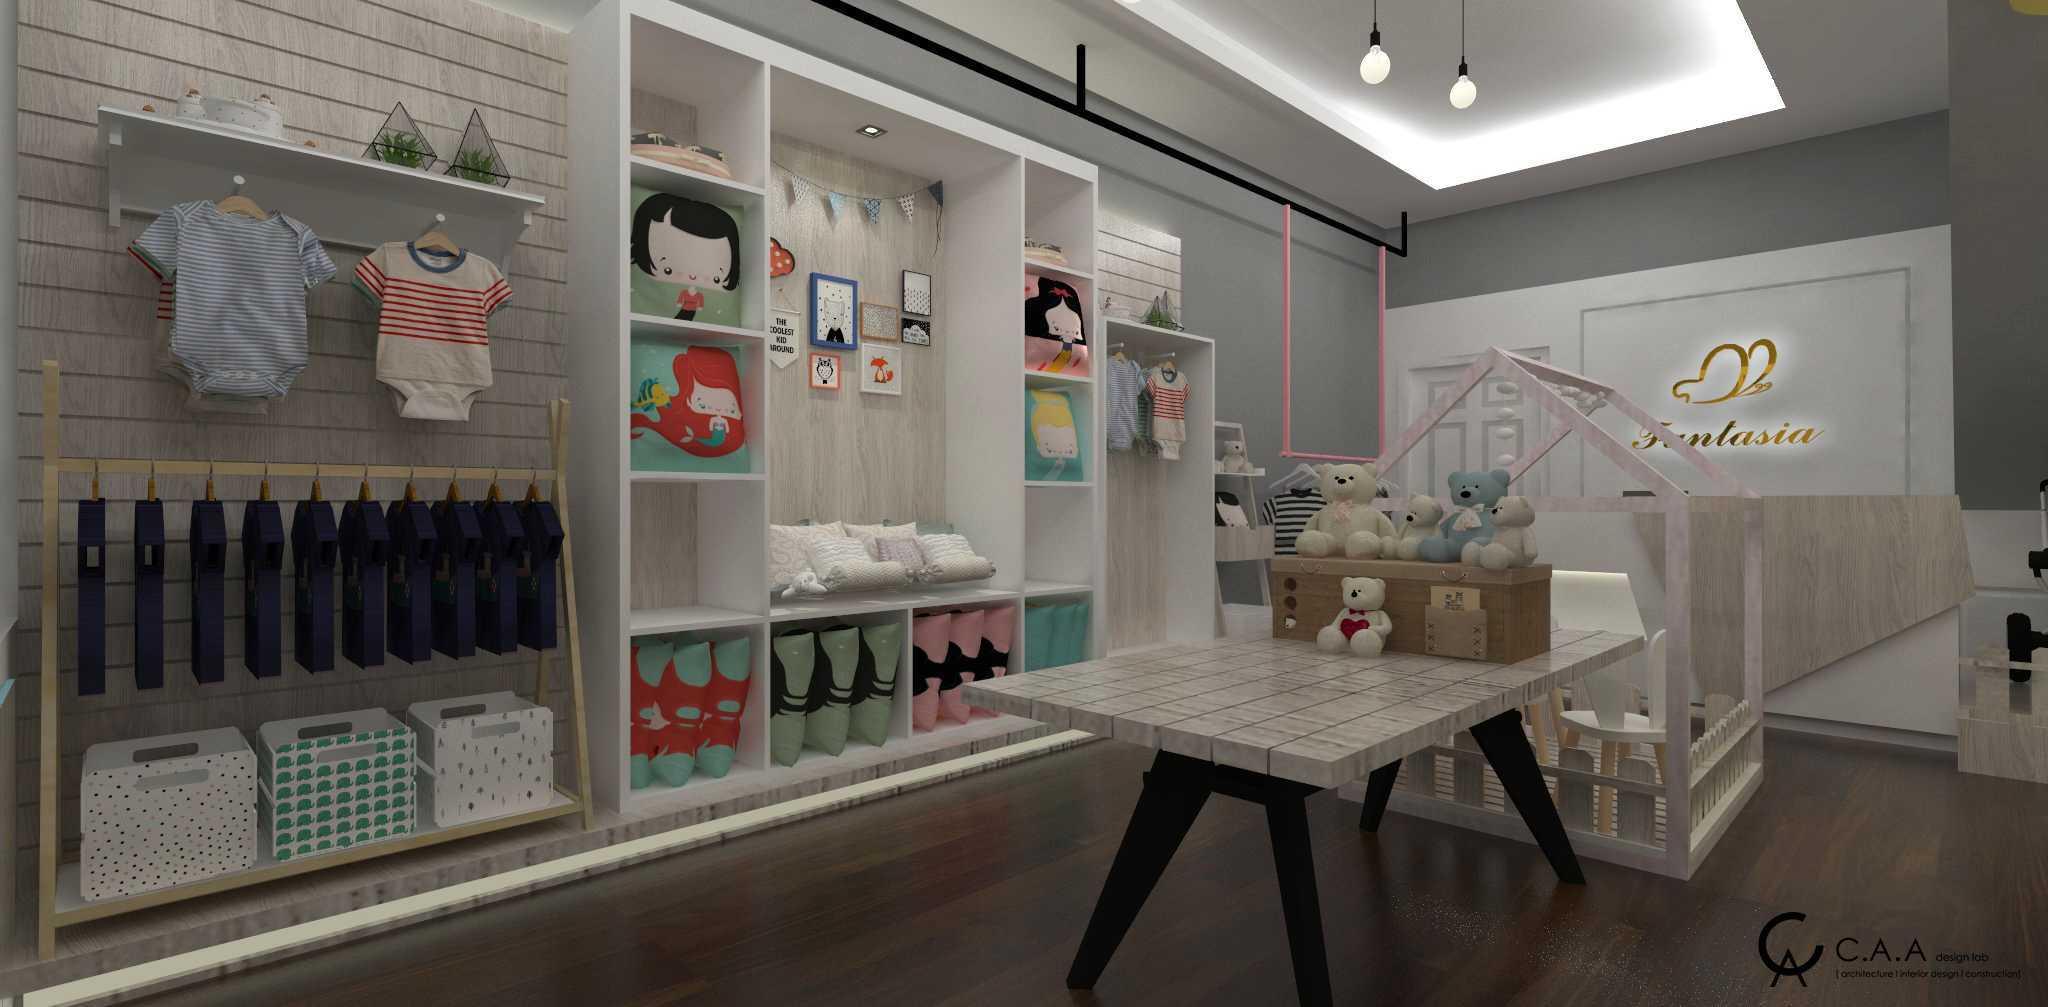 Ada Design Studio Fantasia Baby Shop Cbd Gading Serpong, Ruko 7Cs, Df1/3, Curug Sangereng, Klp. Dua, Tangerang, Banten 15810, Indonesia Cbd Gading Serpong, Ruko 7Cs, Df1/3, Curug Sangereng, Klp. Dua, Tangerang, Banten 15810, Indonesia Ada-Design-Lab-Fantasia-Baby-Shop  67453